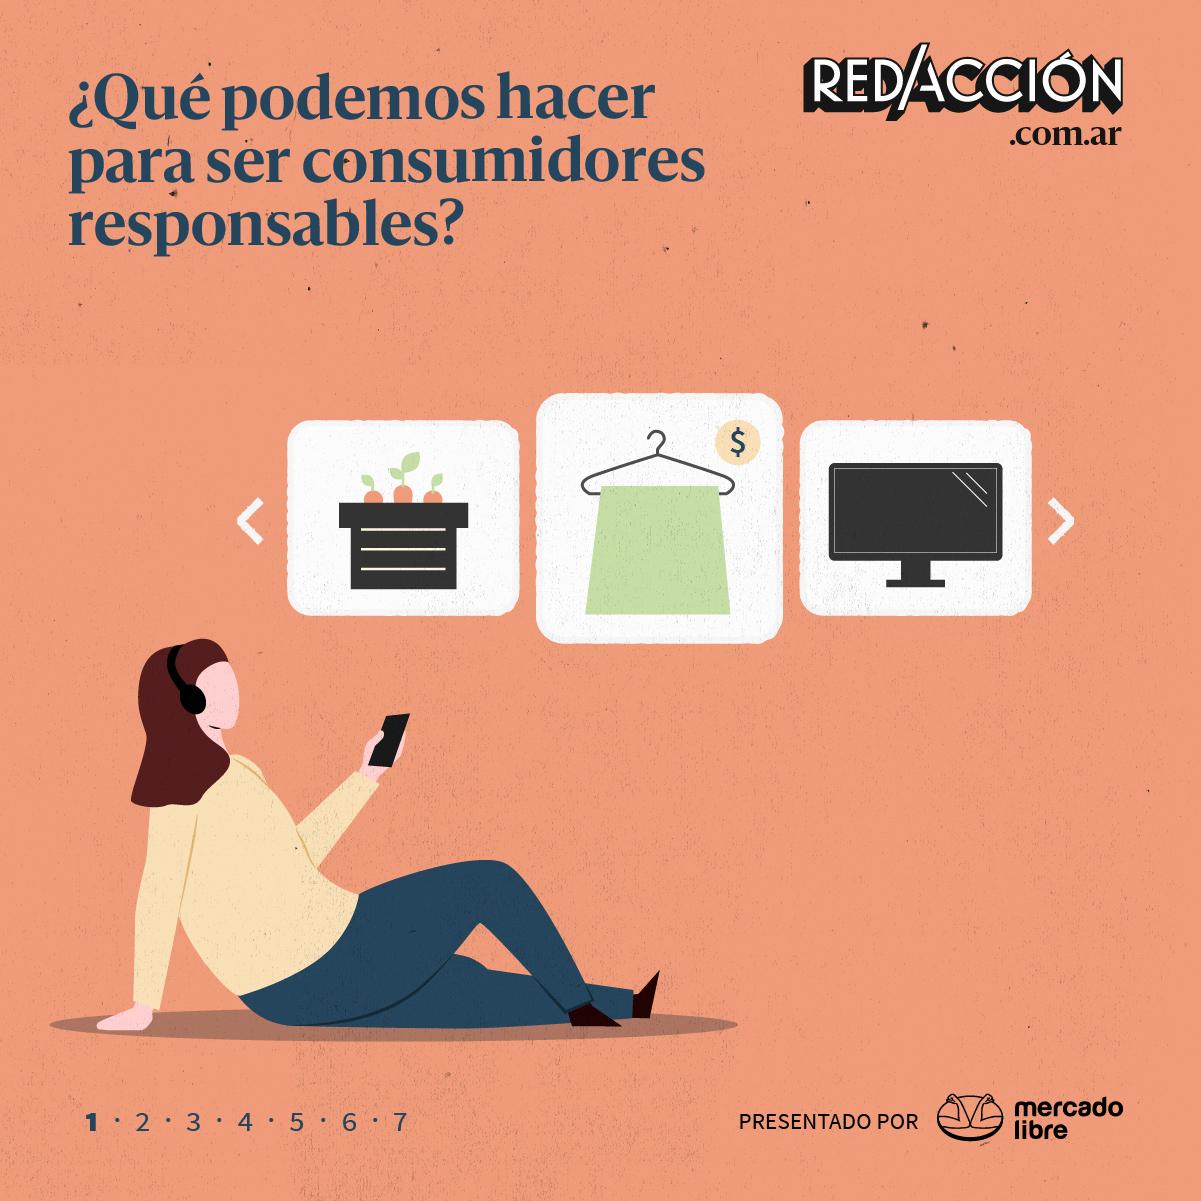 ¿Qué podemos hacer para ser consumidores responsables?